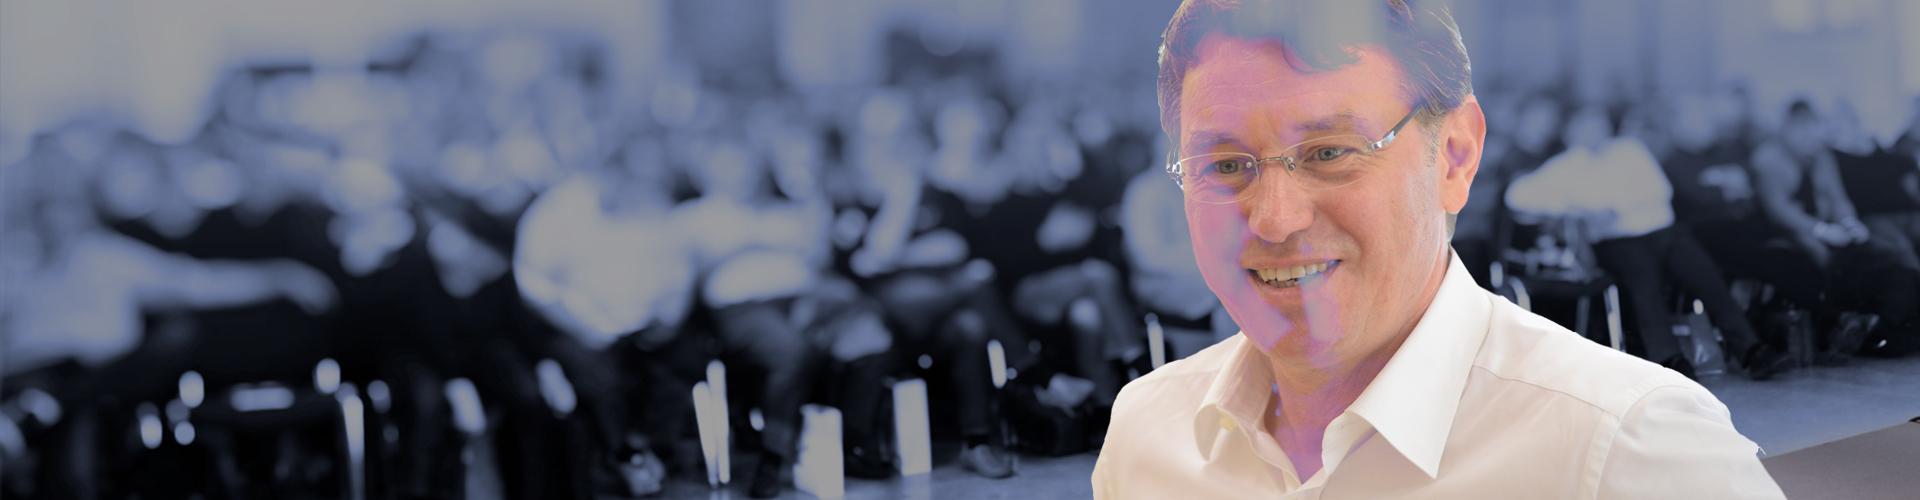 Einer der besten Verkaufstrainer ist Manfred Ritschard